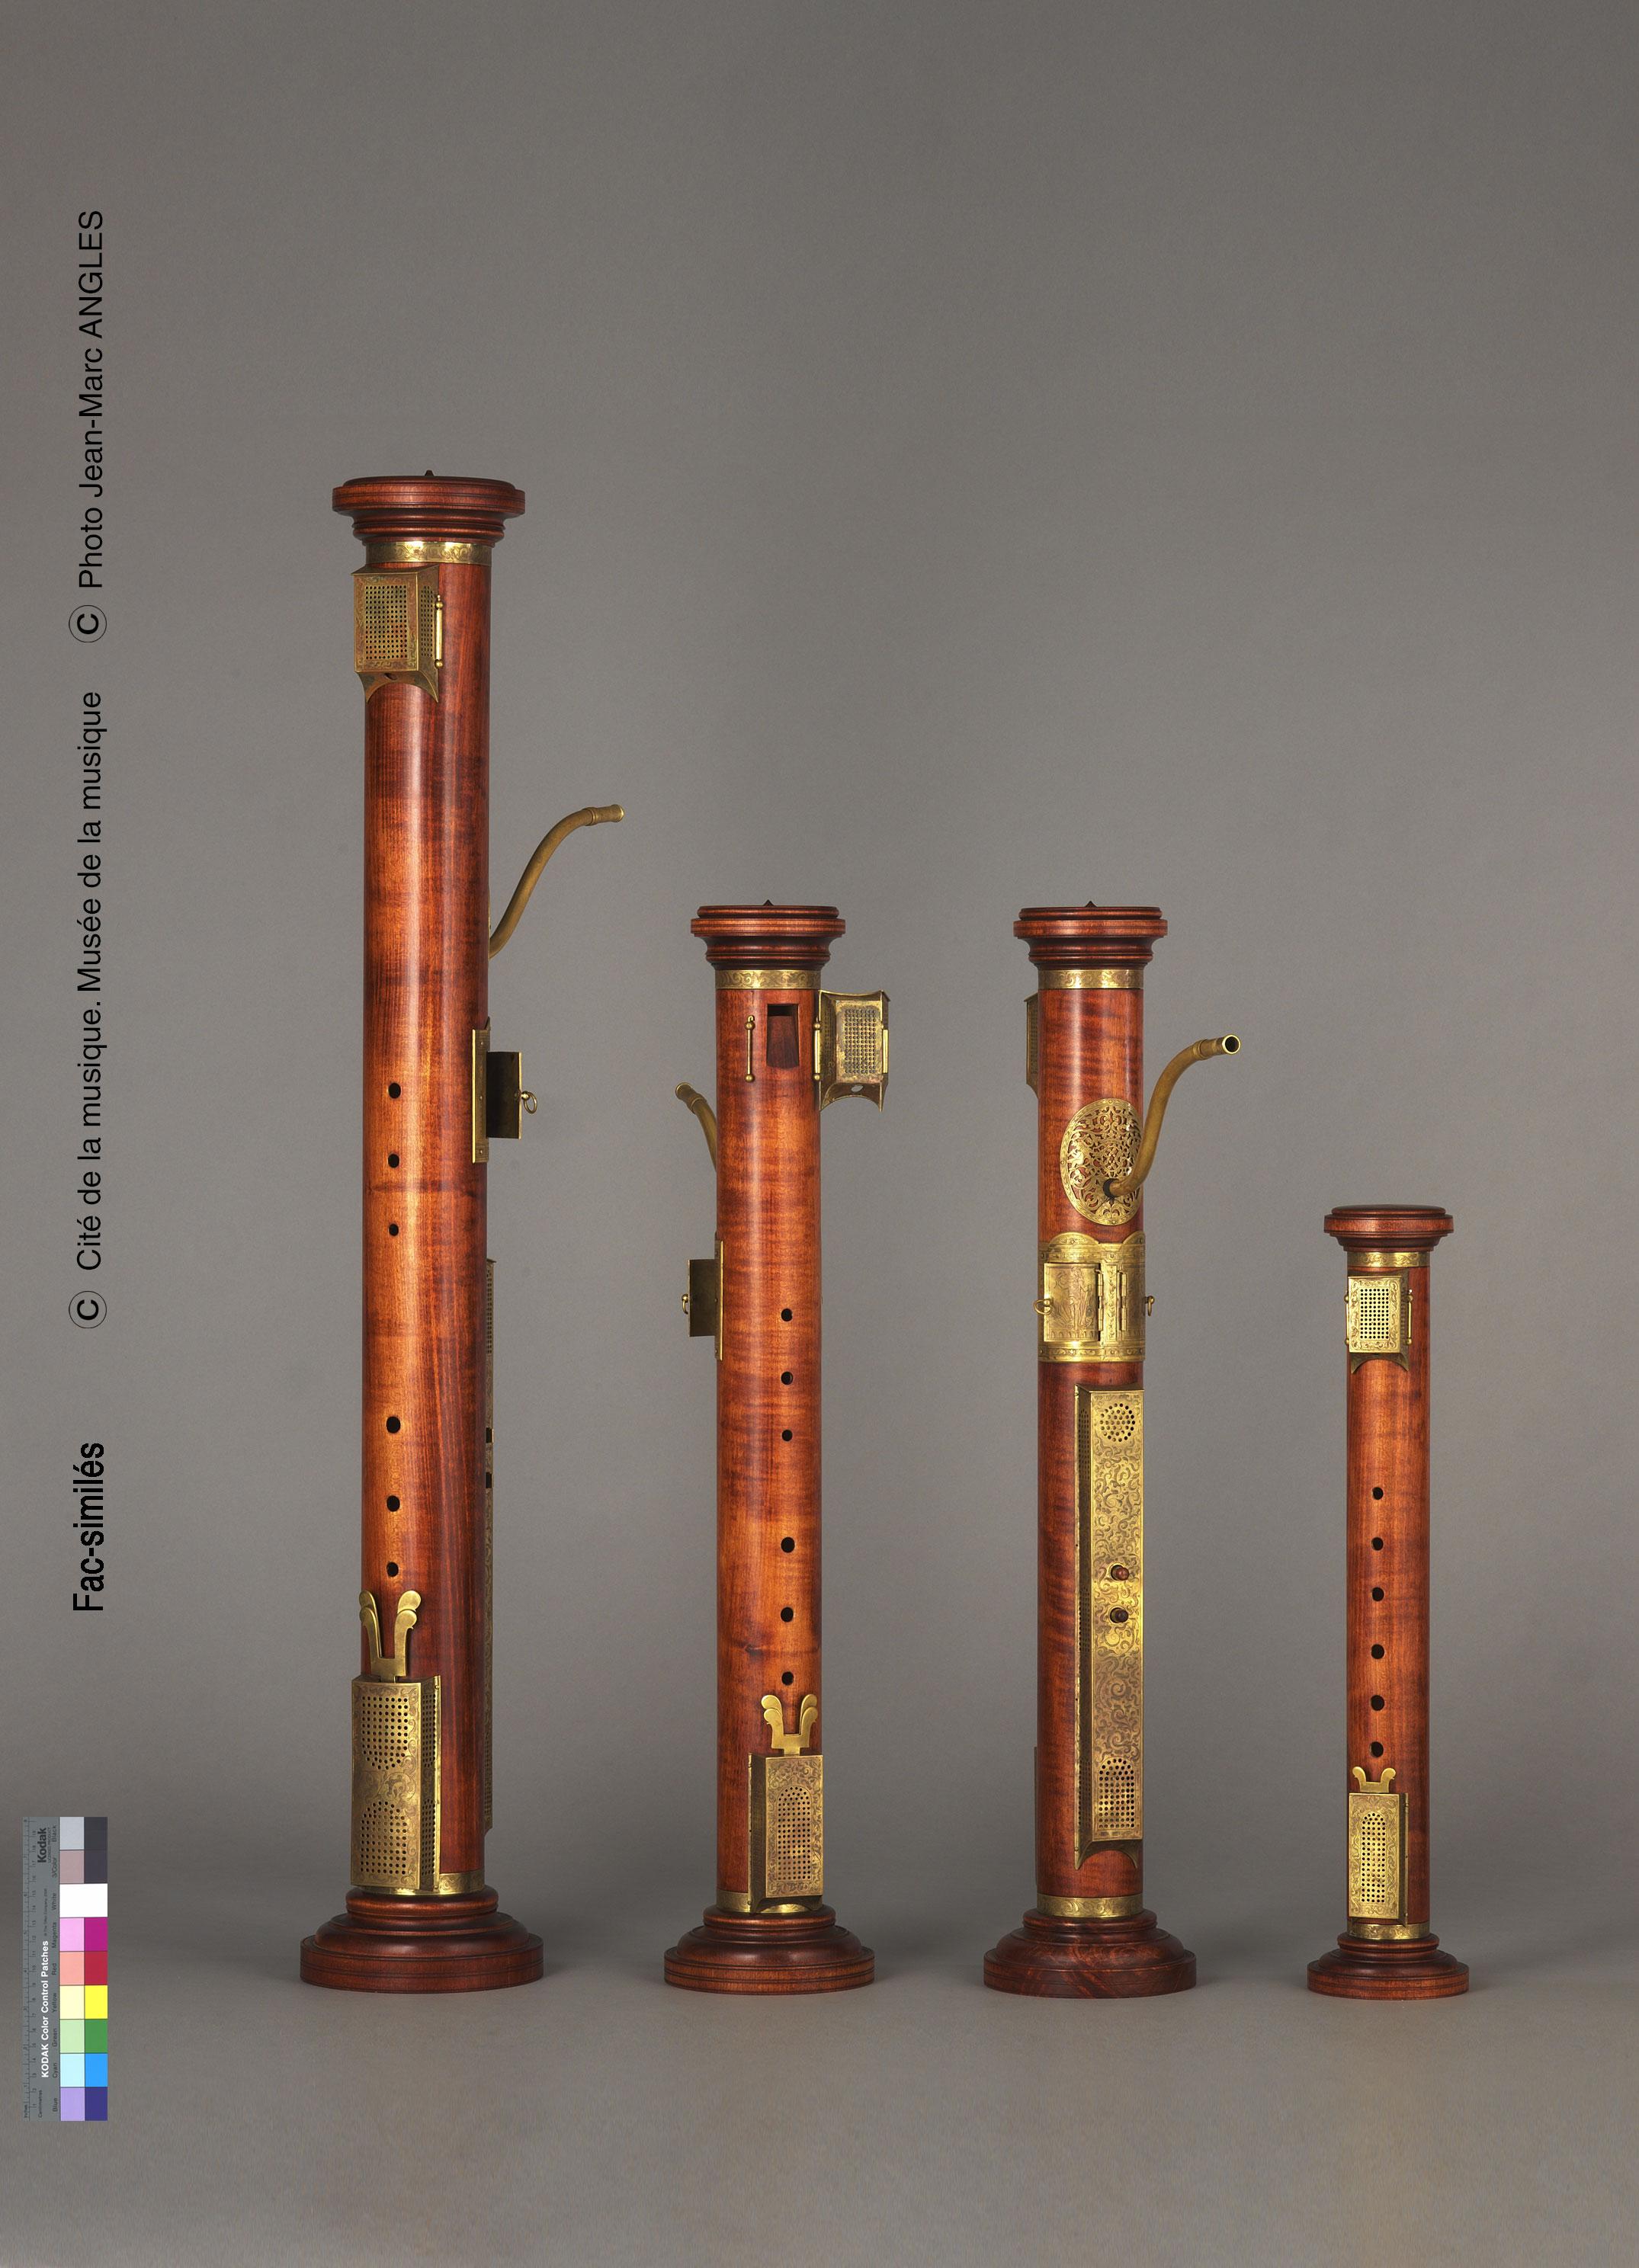 Vue de l'exposition Un Musée aux rayons X, Fac-similé d'un quatuor de flûtes colonne  d'après les instruments de Hans Rauch von Schratt (XVIe siècle) conservés au Musée de la musique de Paris et au Musée instrumental de Bruxelles